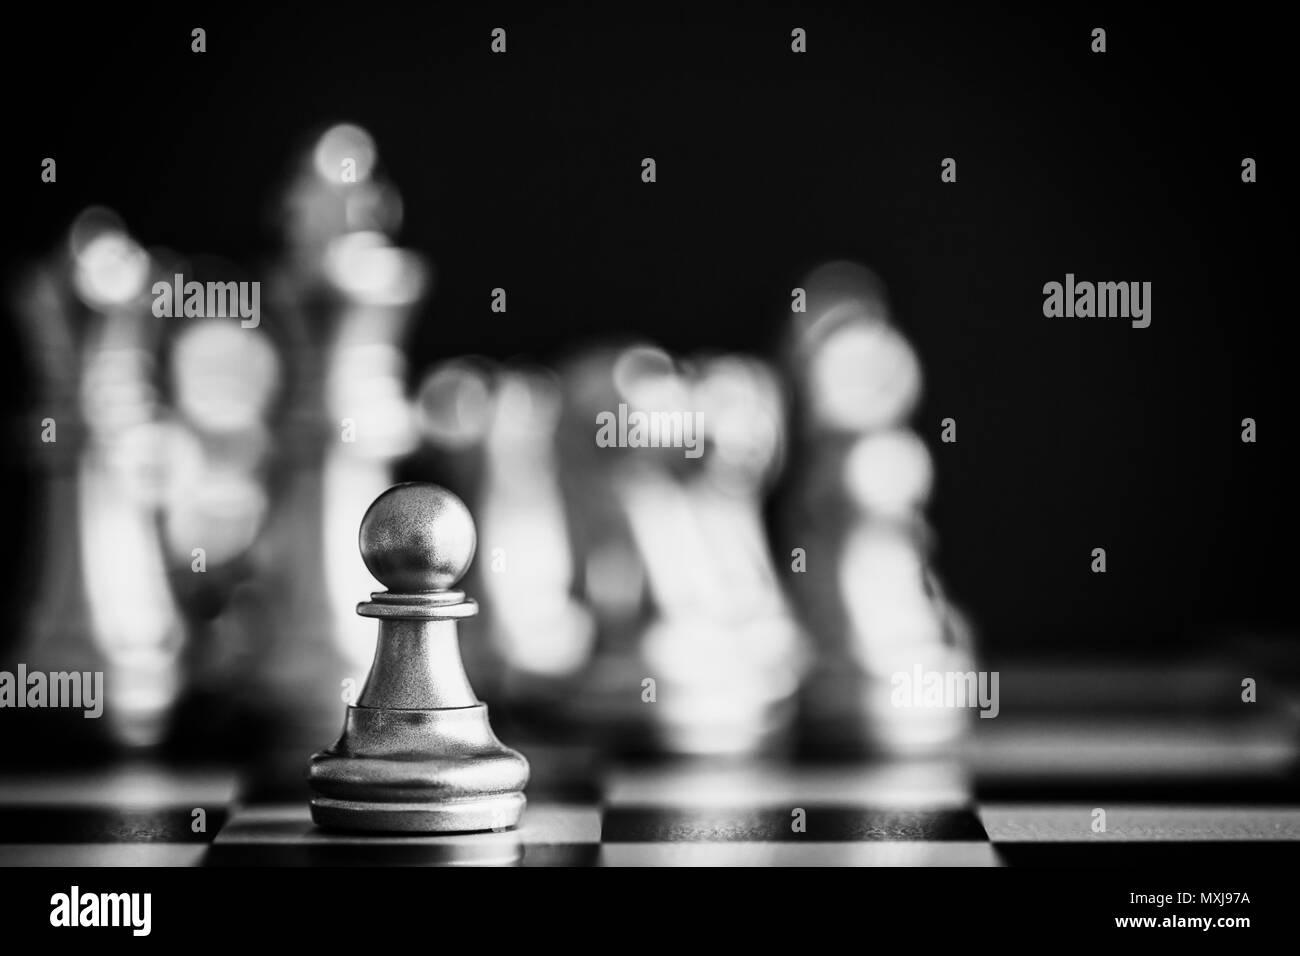 Estrategia de batalla de ajedrez Juego de reto de inteligencia sobre el tablero de ajedrez. El concepto de estrategia de éxito. Chess líder empresarial y la idea de éxito. La estrategia de ajedrez Imagen De Stock